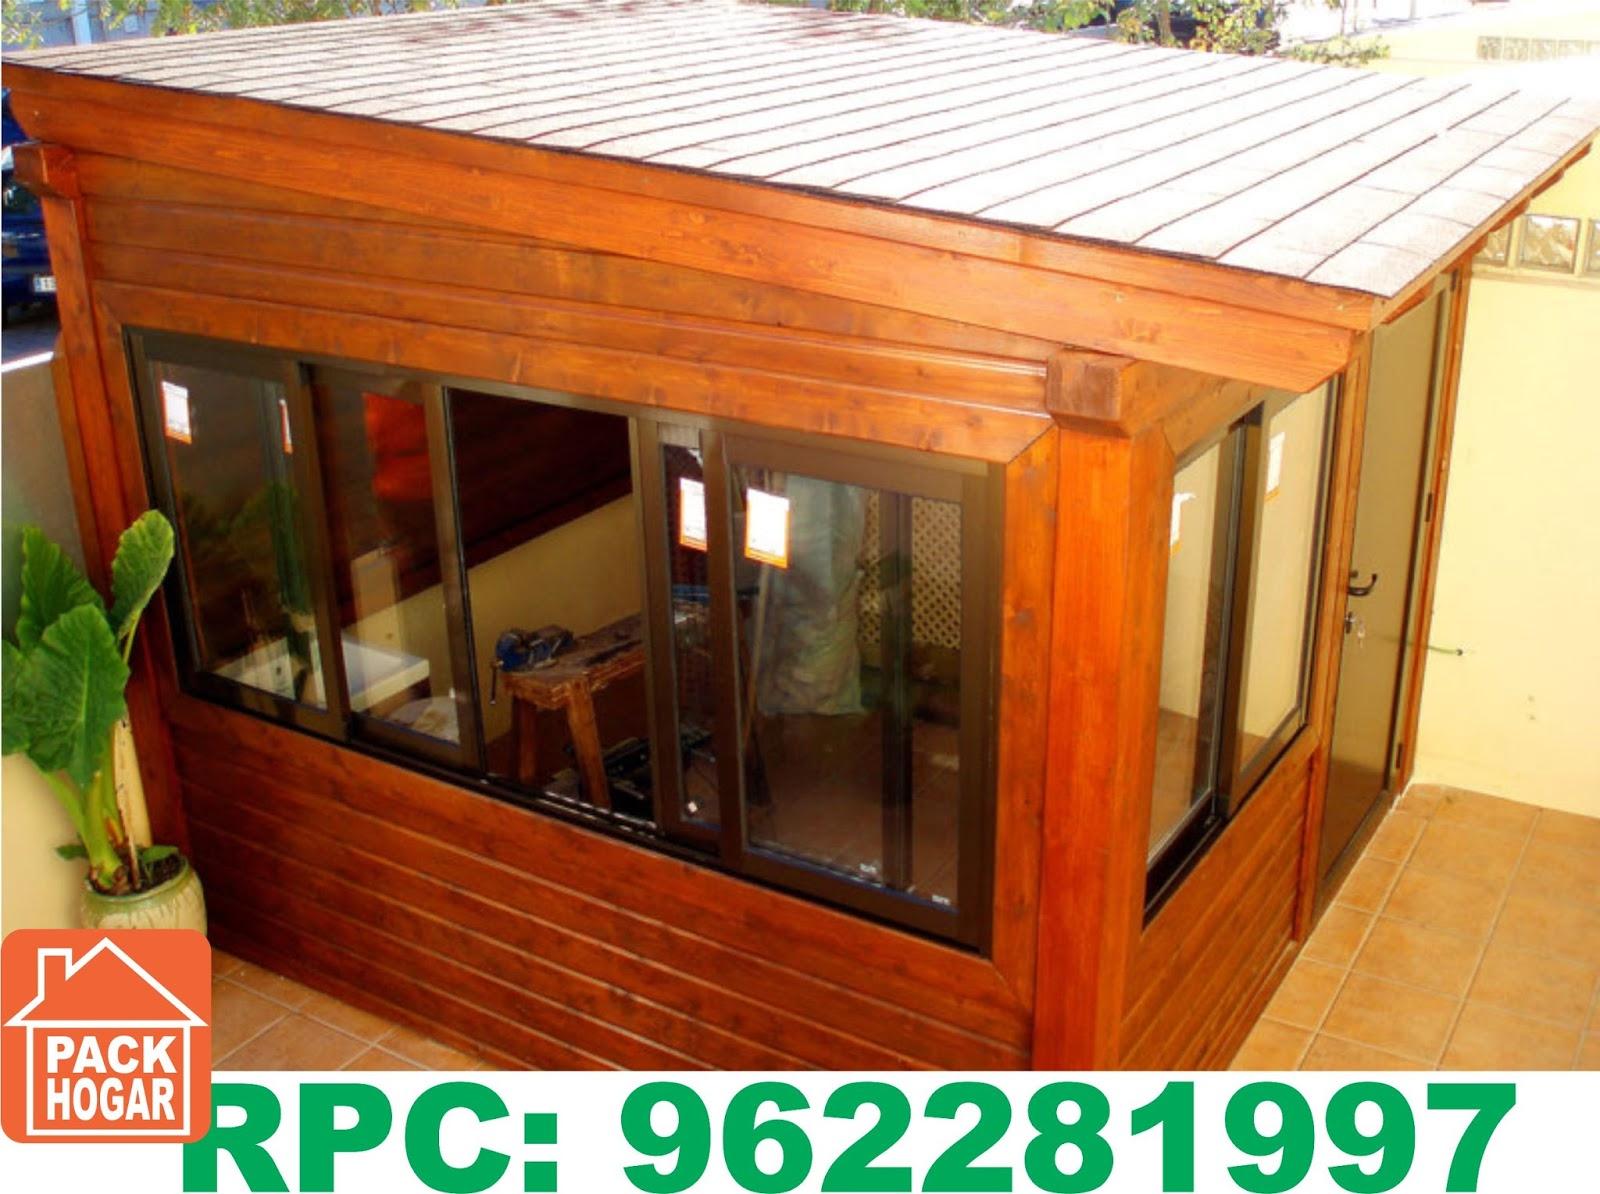 Casetas cuartos prefabricadas para azoteas packhogar - Feria de casas prefabricadas ...